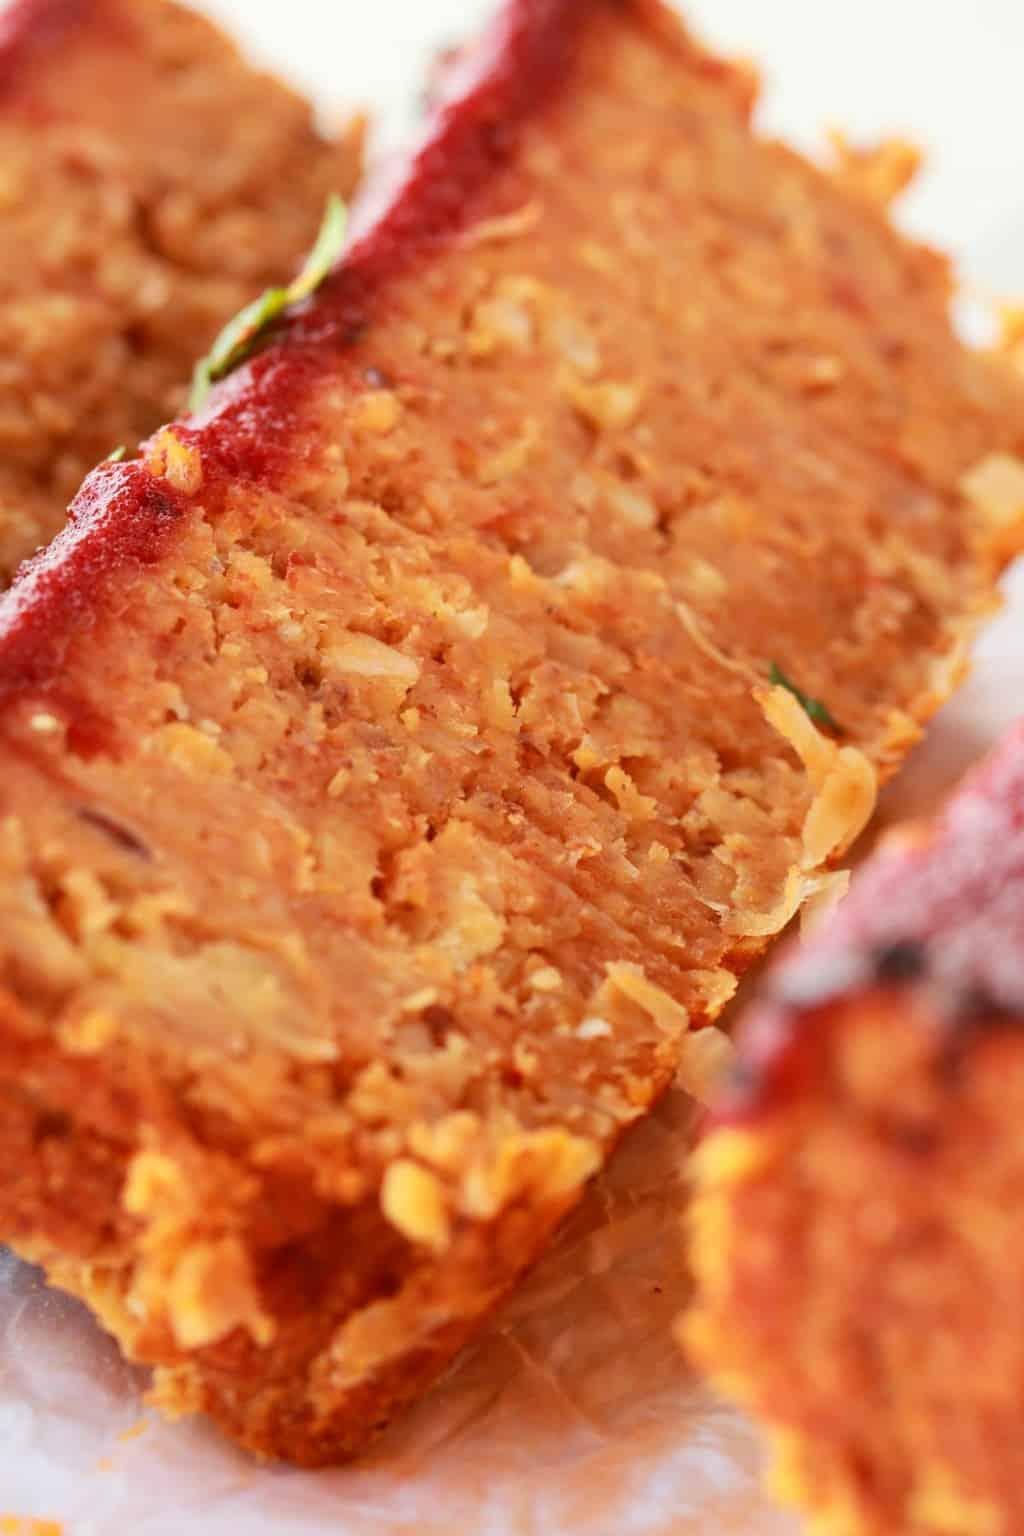 Sliced vegan meatloaf close up.